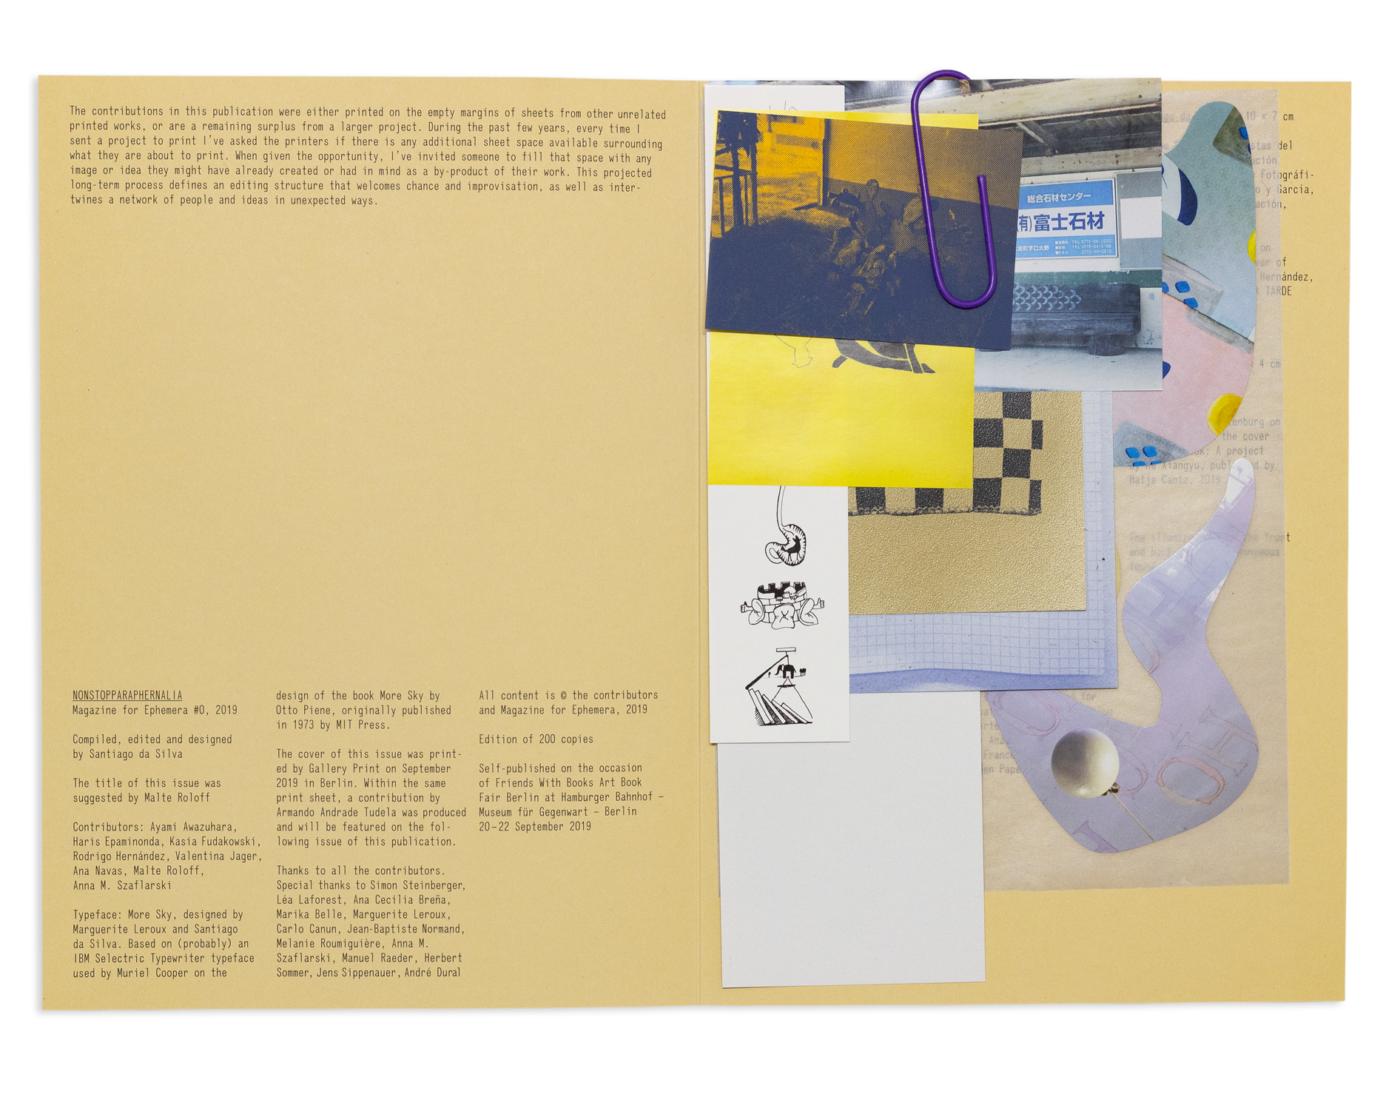 Magazine for Ephemera 0